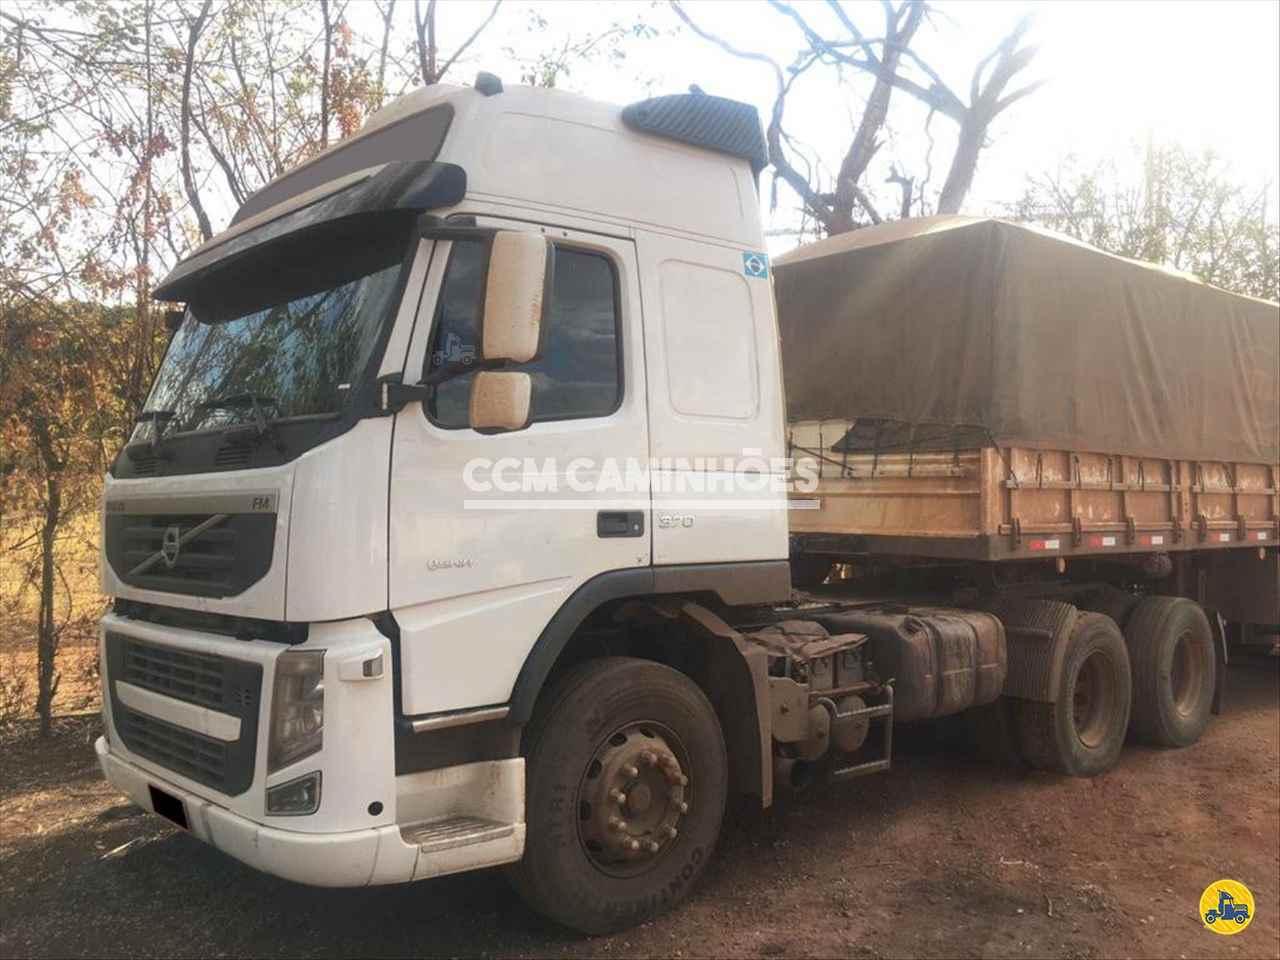 CAMINHAO VOLVO VOLVO FM 370 Cavalo Mecânico Truck 6x2 CCM Caminhões GOIANIA GOIAS GO